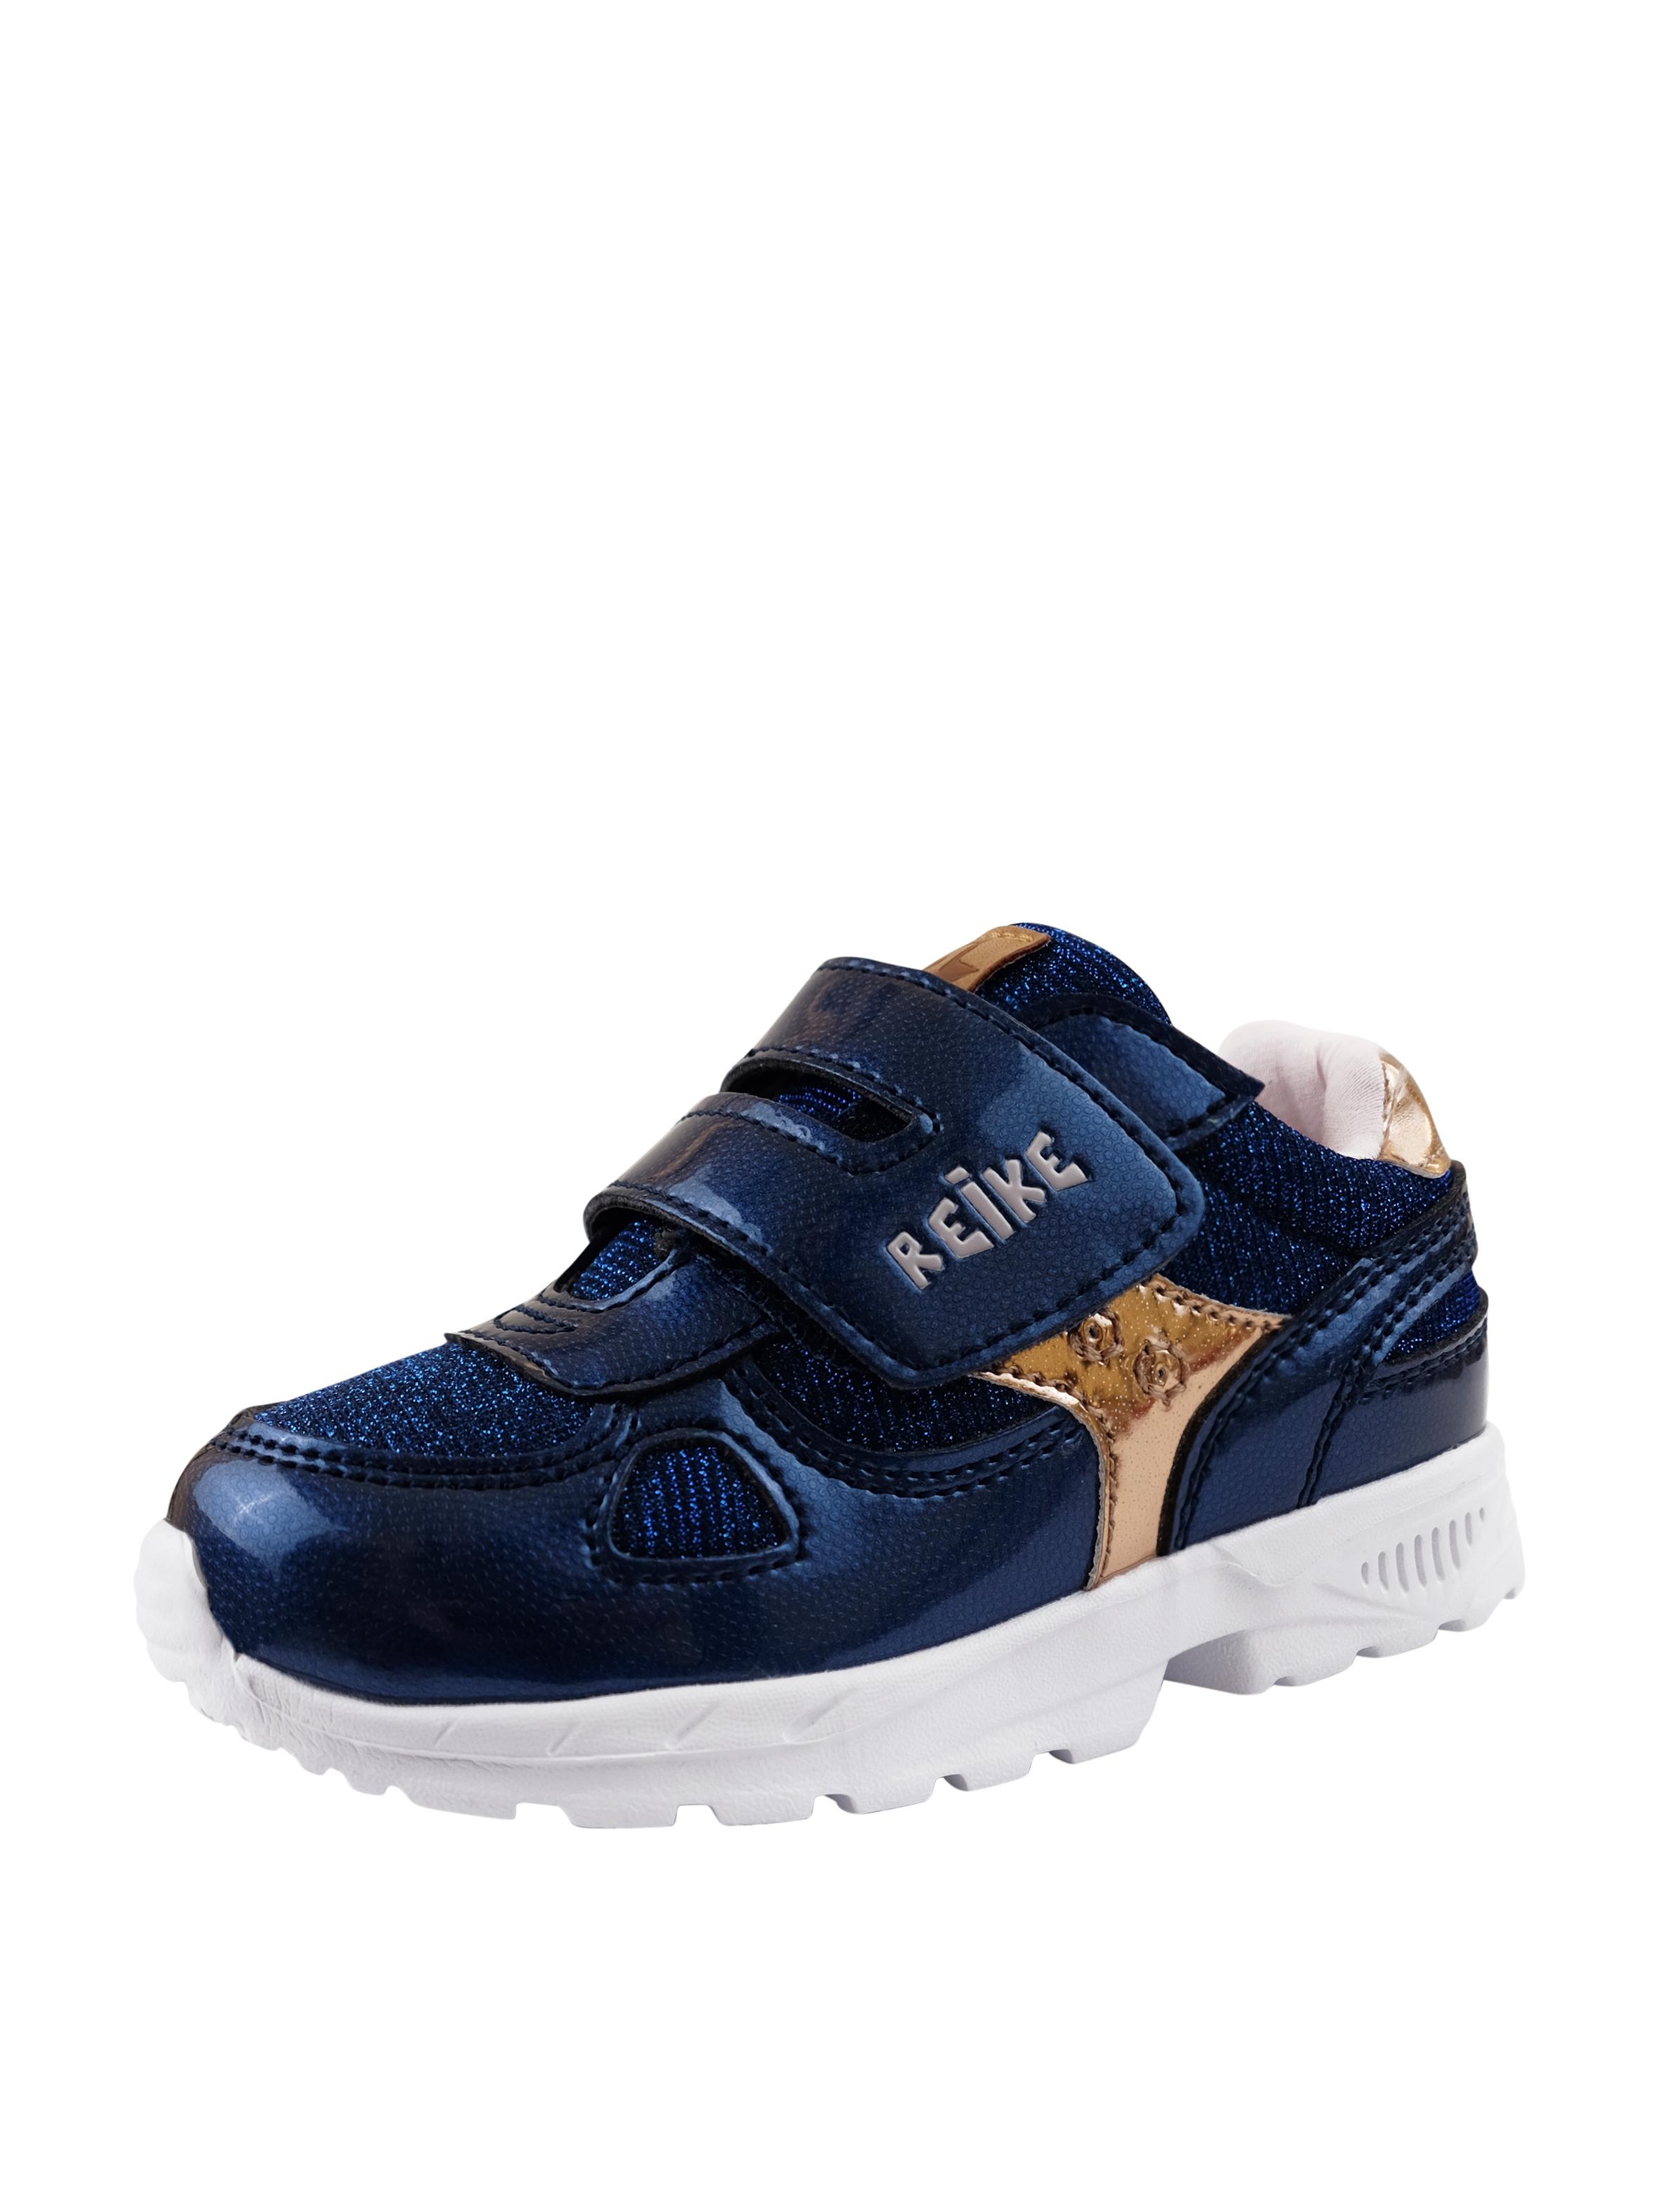 Купить RST20-012 BS navy, Кроссовки для девочки Reike Basic navy р.24, Детские кроссовки